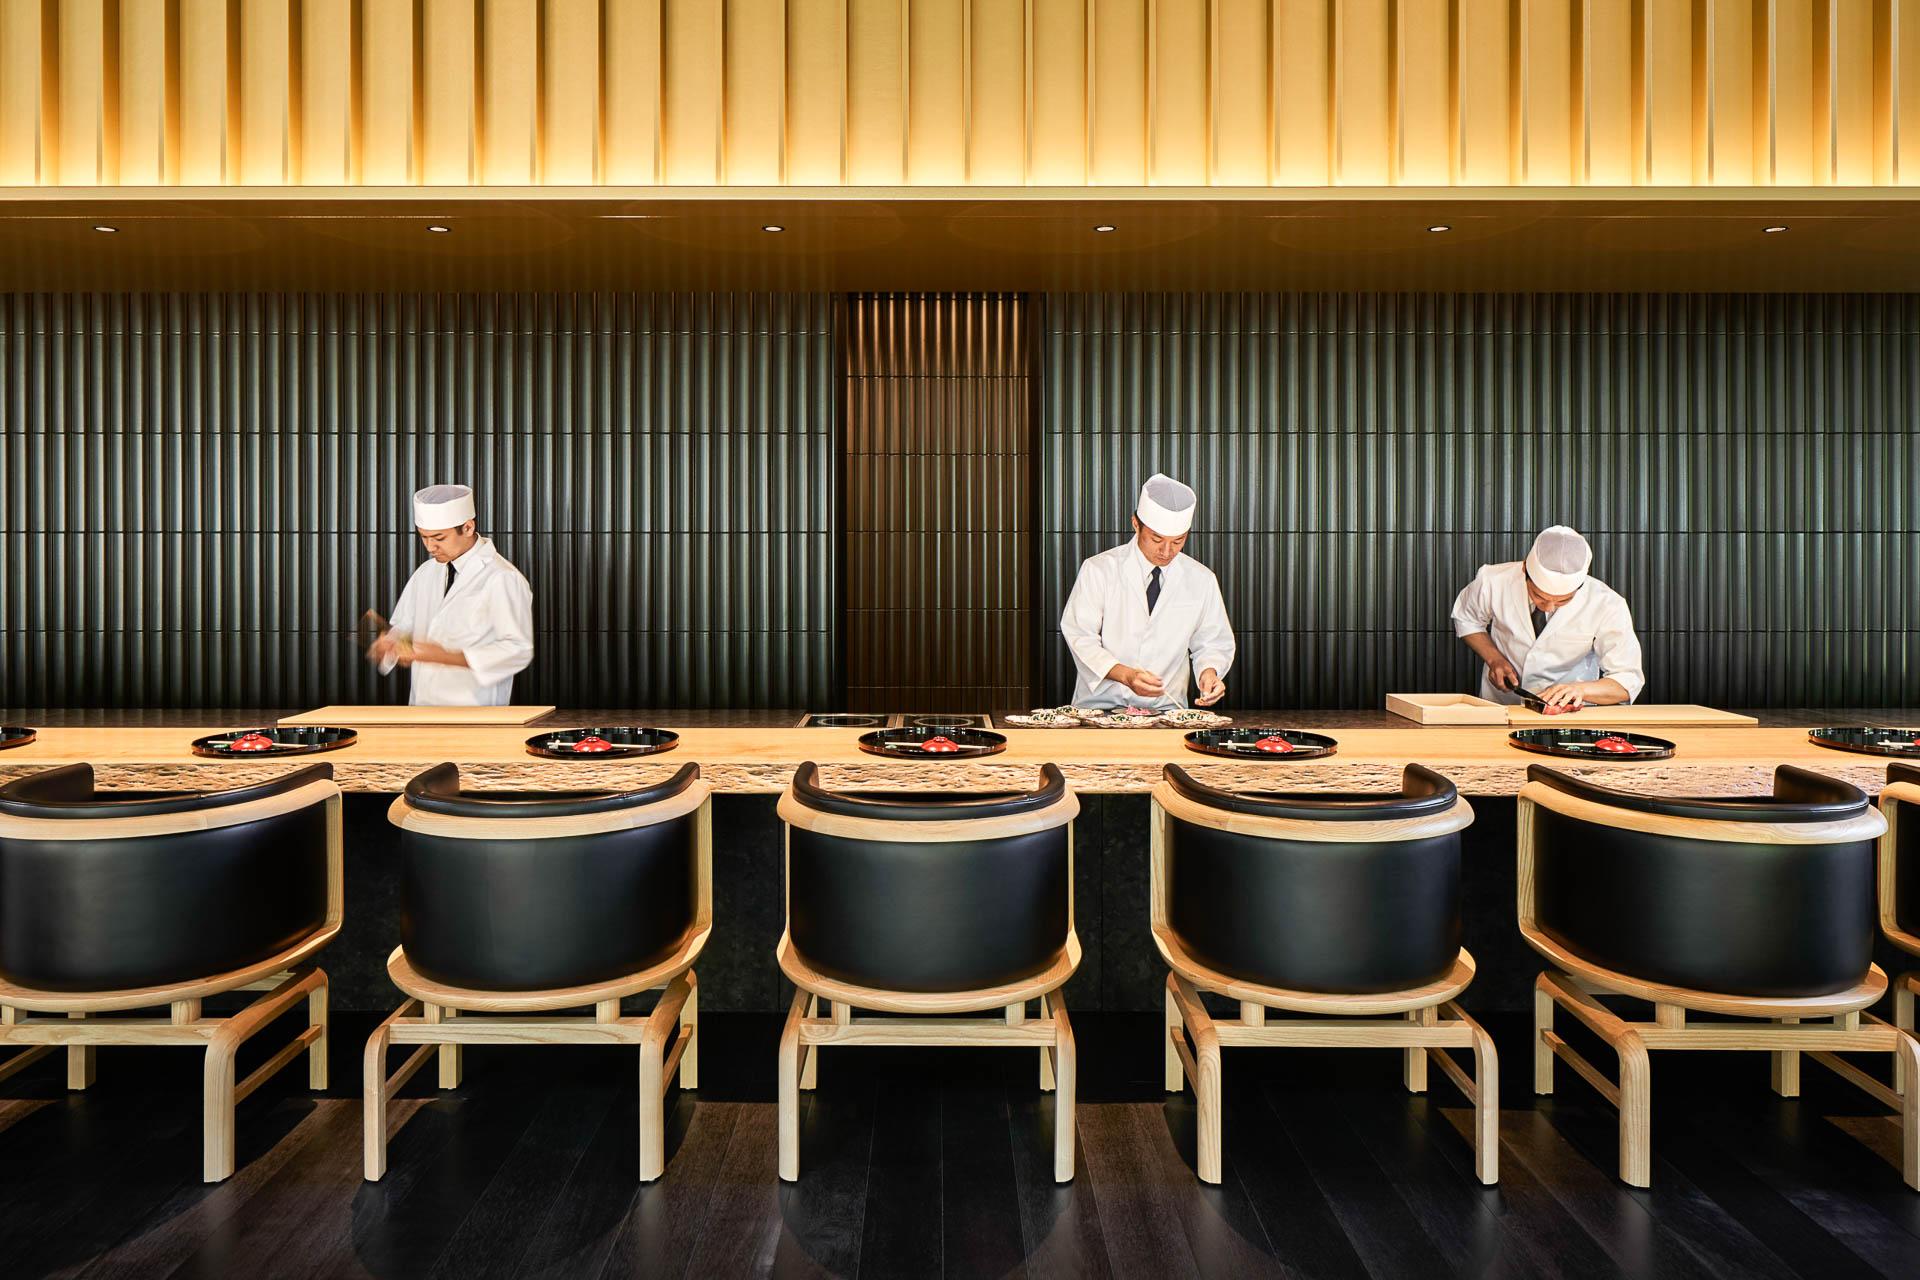 Au restaurant japonaisTaka-an, le chef prépare une cuisine gastronomique confectionnée à partir de produits locaux saisonniers